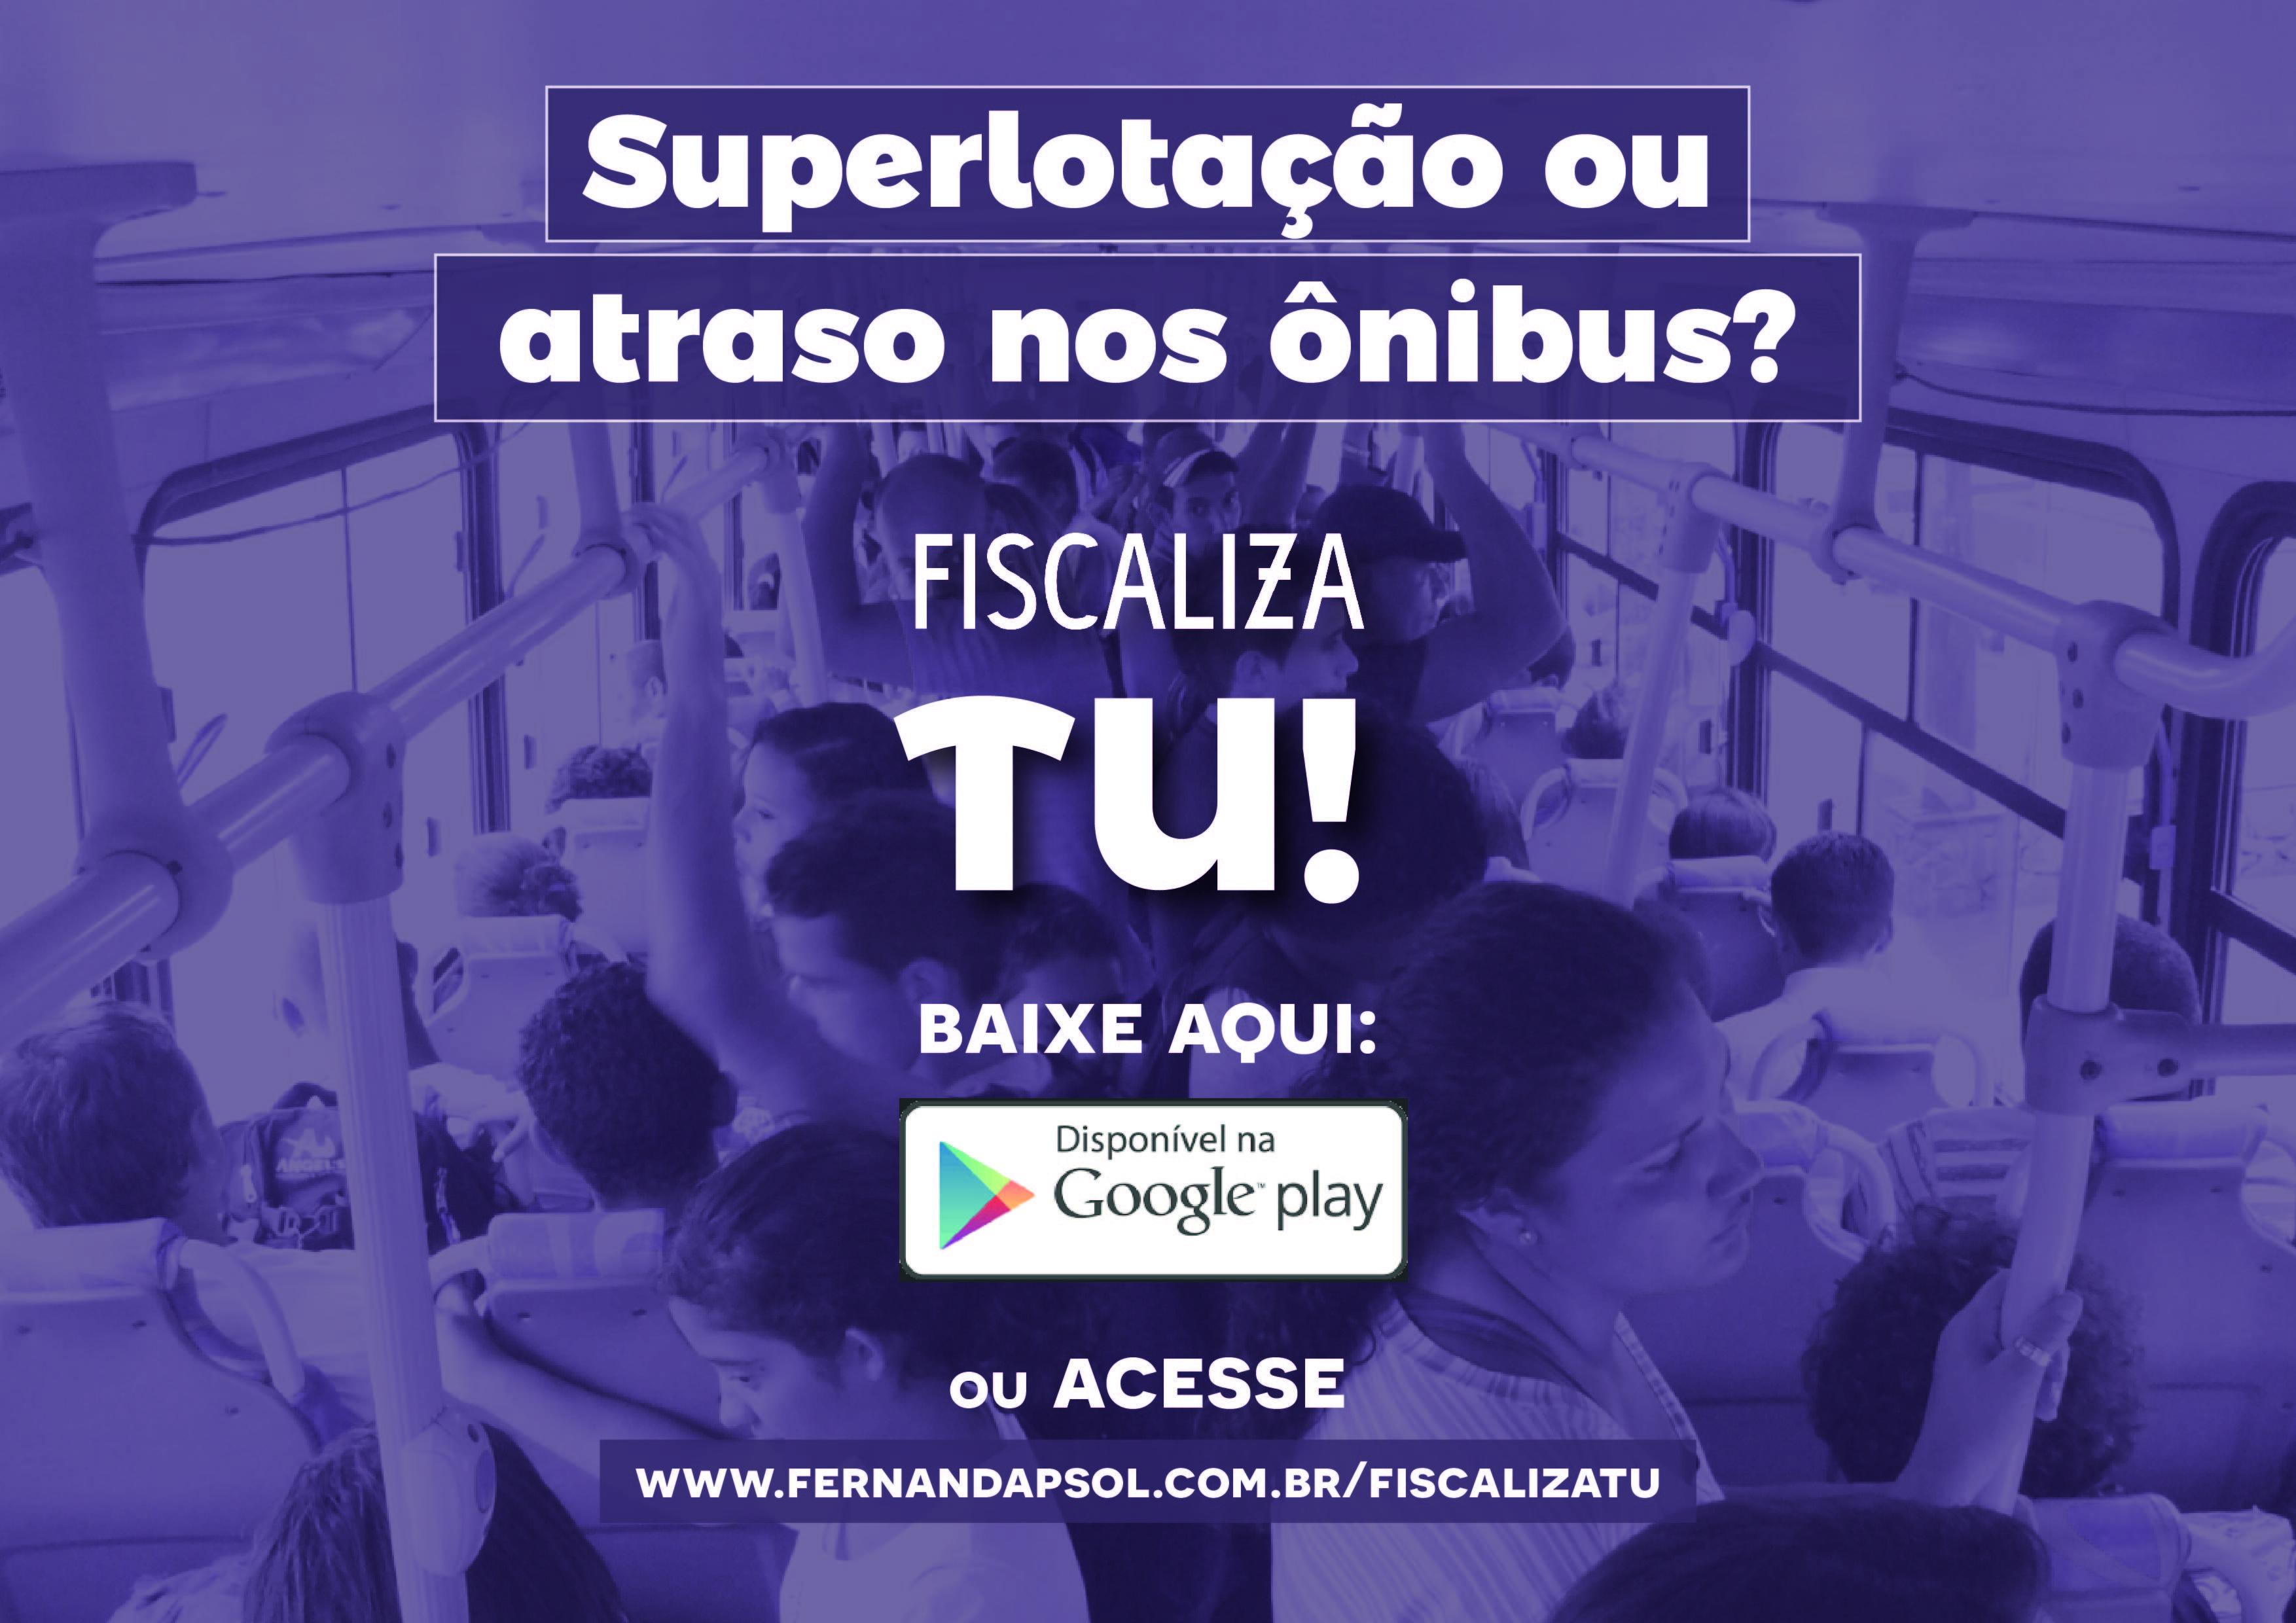 Relatório revela dados sobre atraso e superlotação de ônibus de Porto Alegre